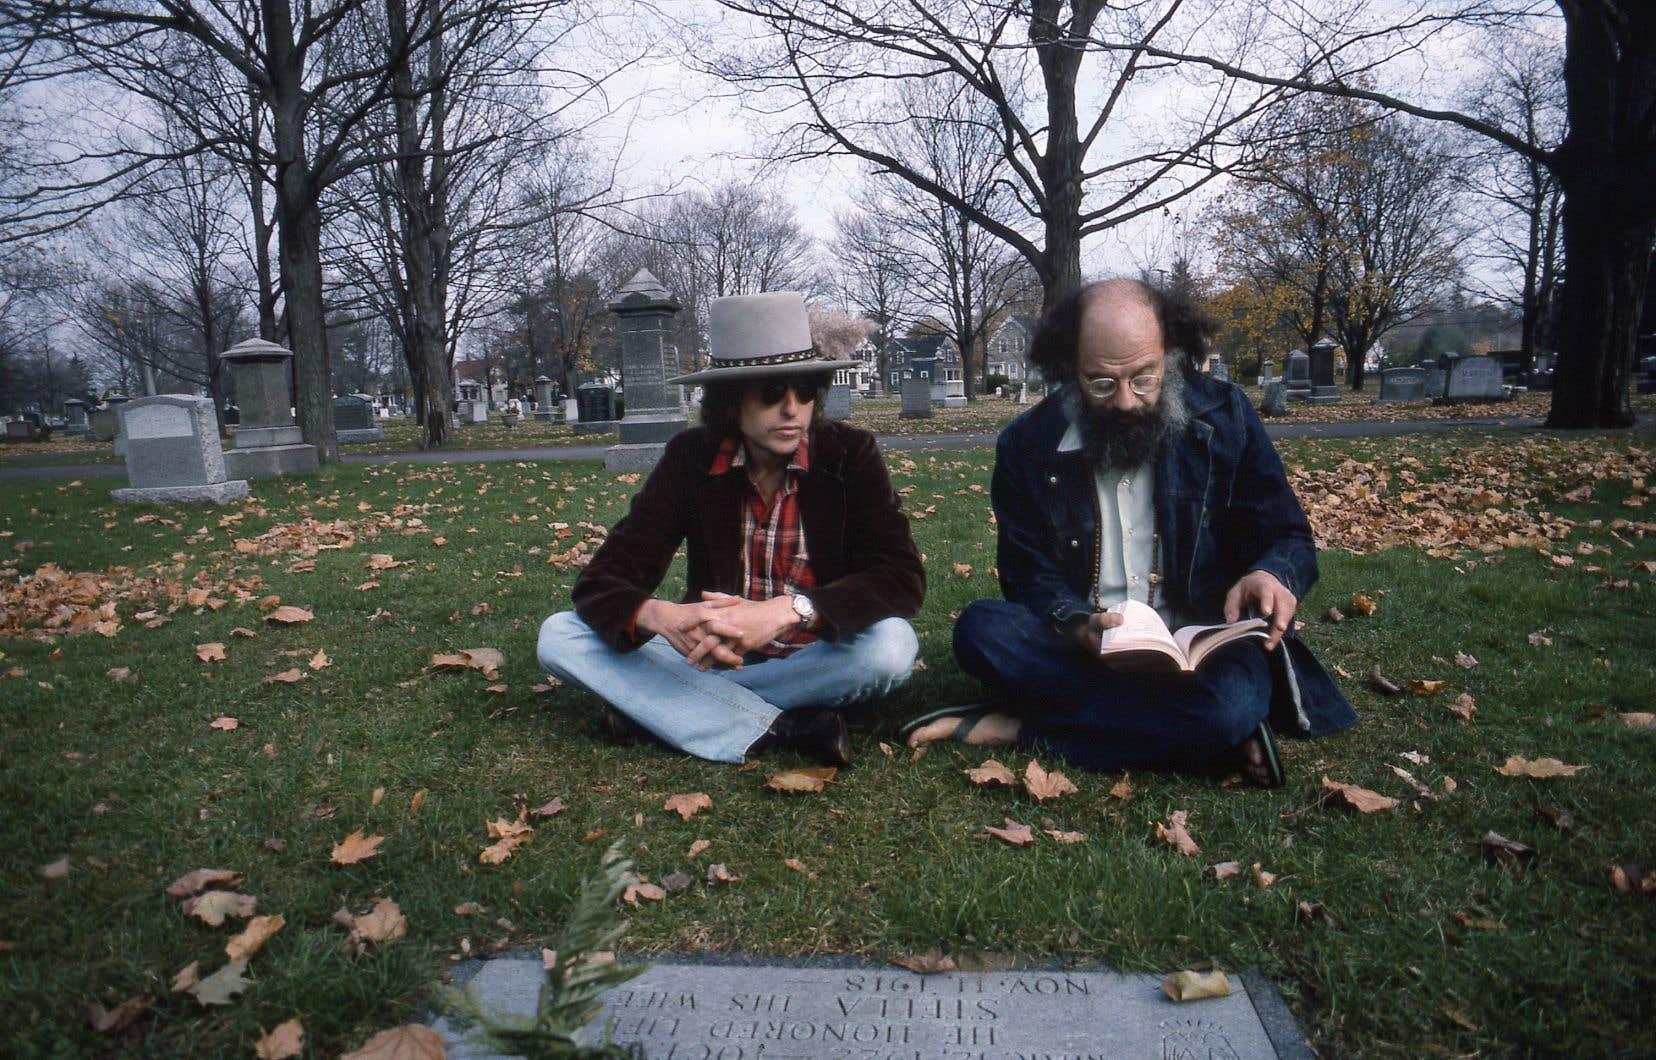 Ici comme ailleurs, il faut prendre Bob Dylan à l'envers.